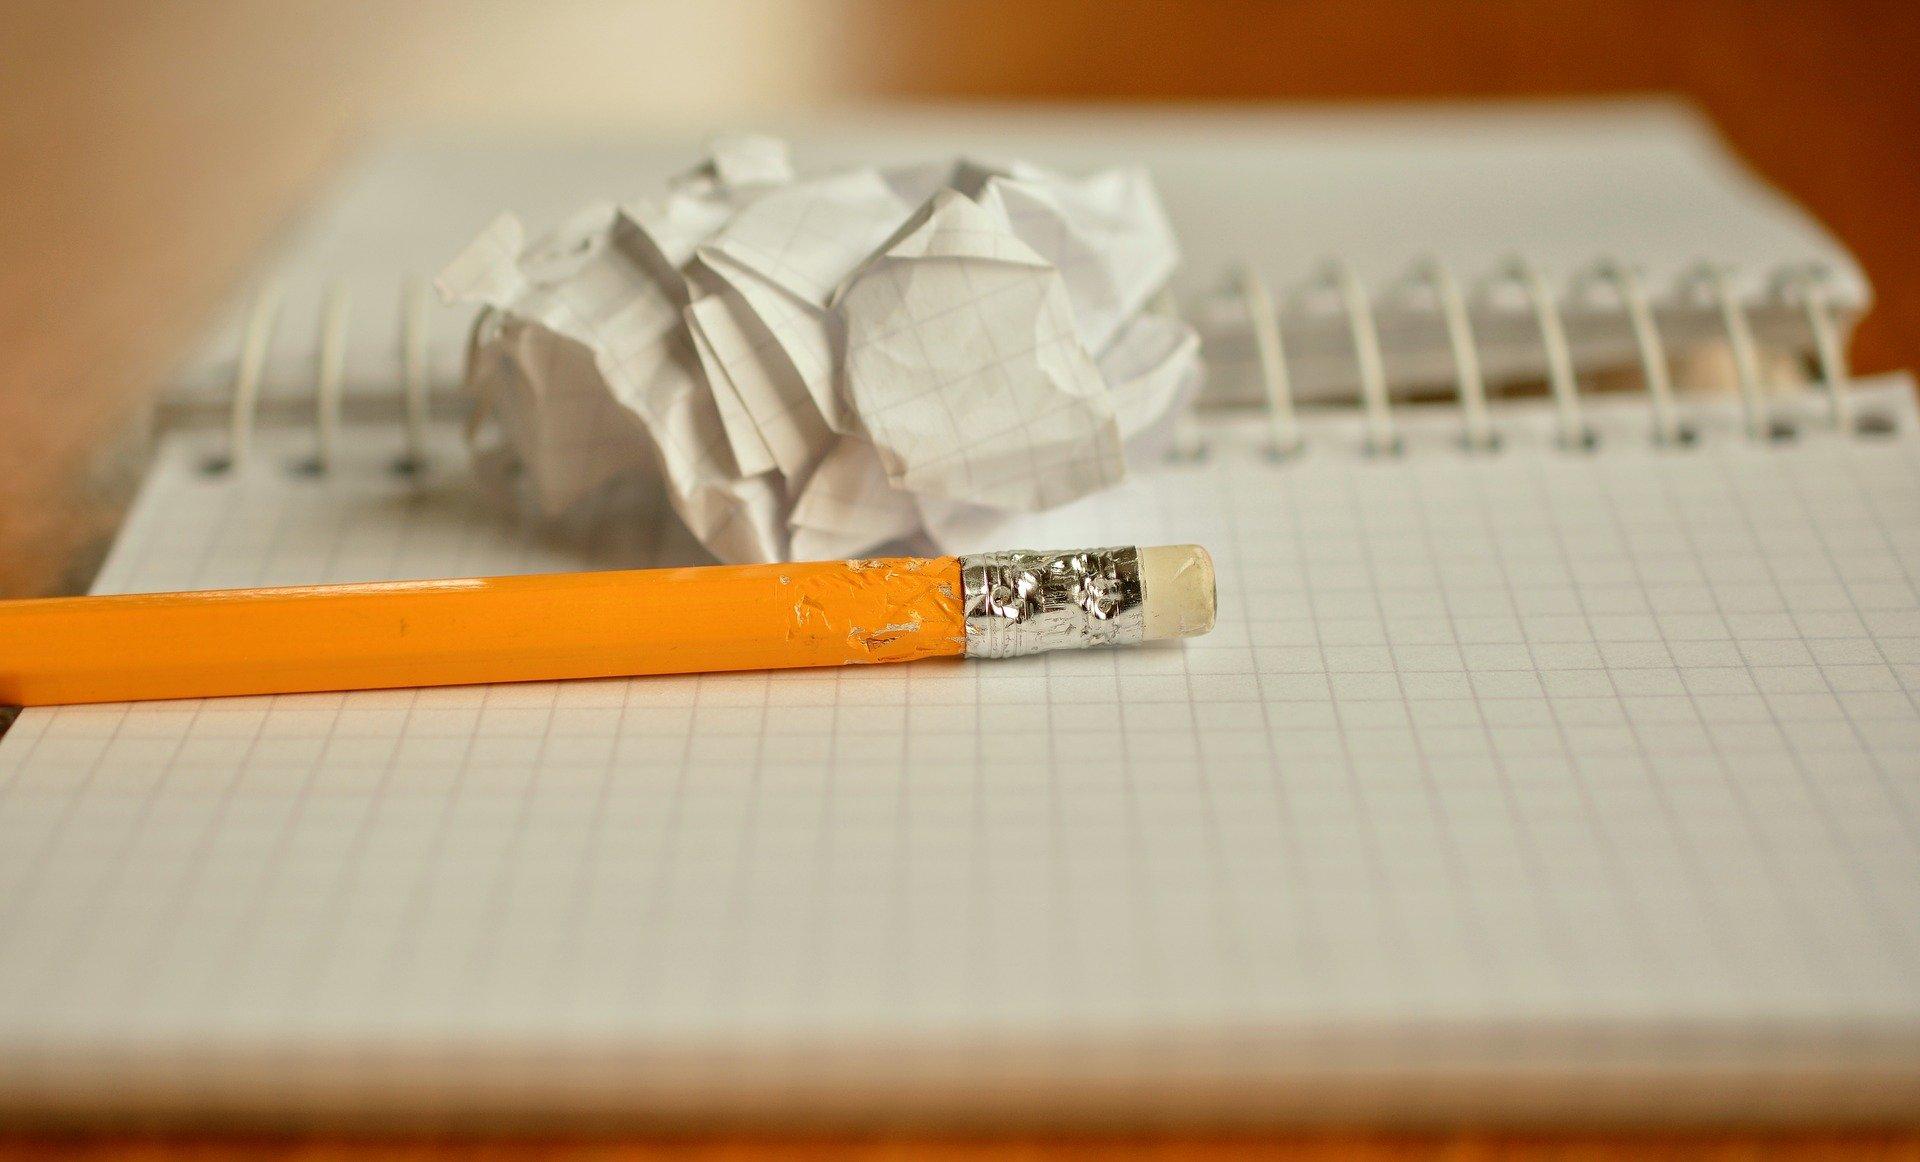 履歴書の書き方とは?転職・退職理由を記入するポイントを解説!【例文あり】の画像2